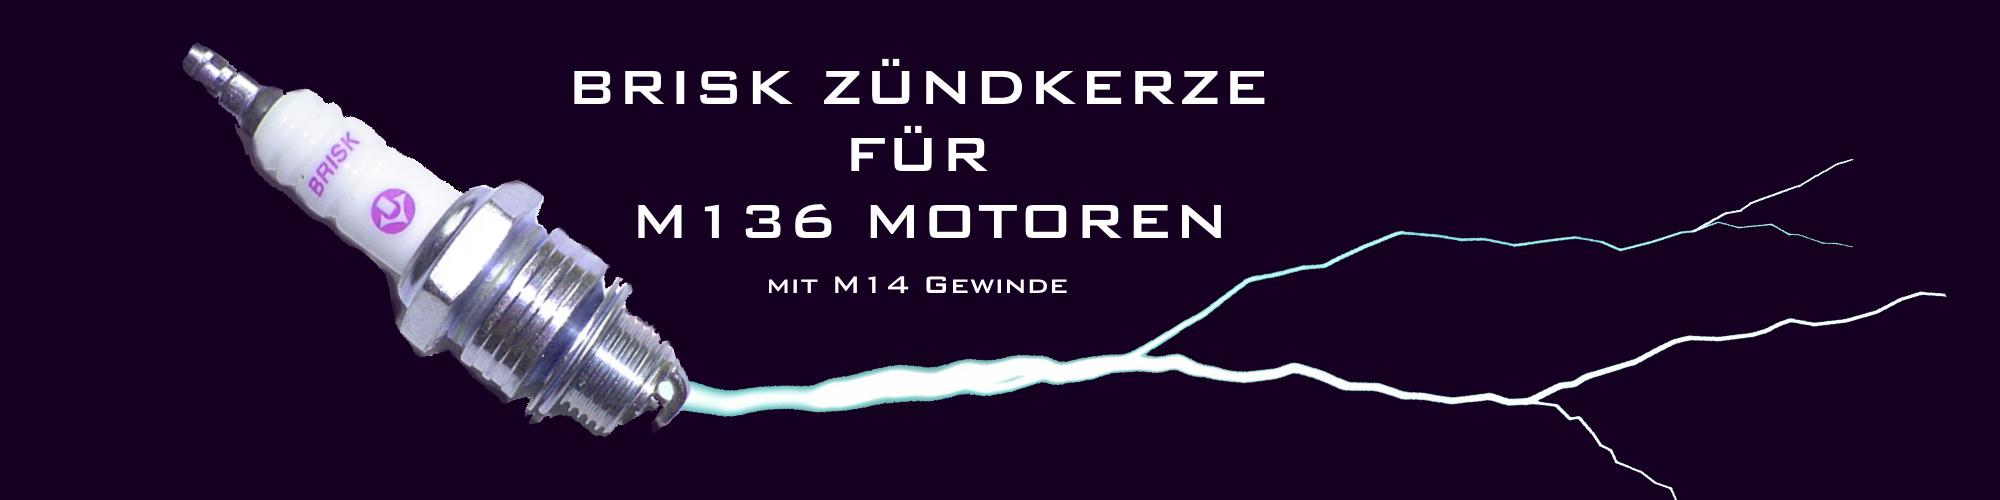 Automobilia-Versand, Ersatzteile für Mercedes PKW, die älter als 40 Jahre sind. banner 1